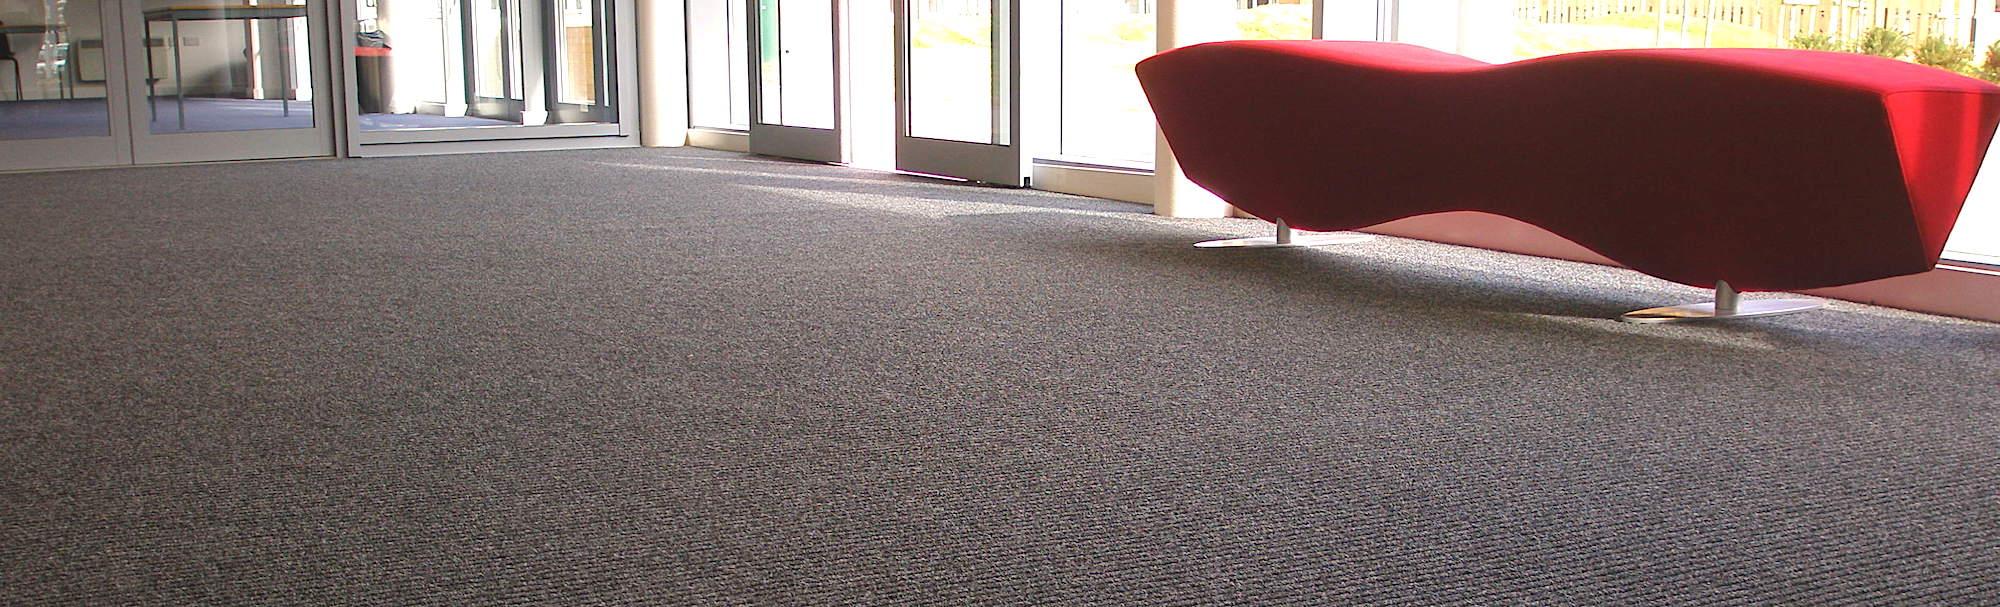 Heckmondwike FB | Commercial Carpet | Battleship/Hippo for Education